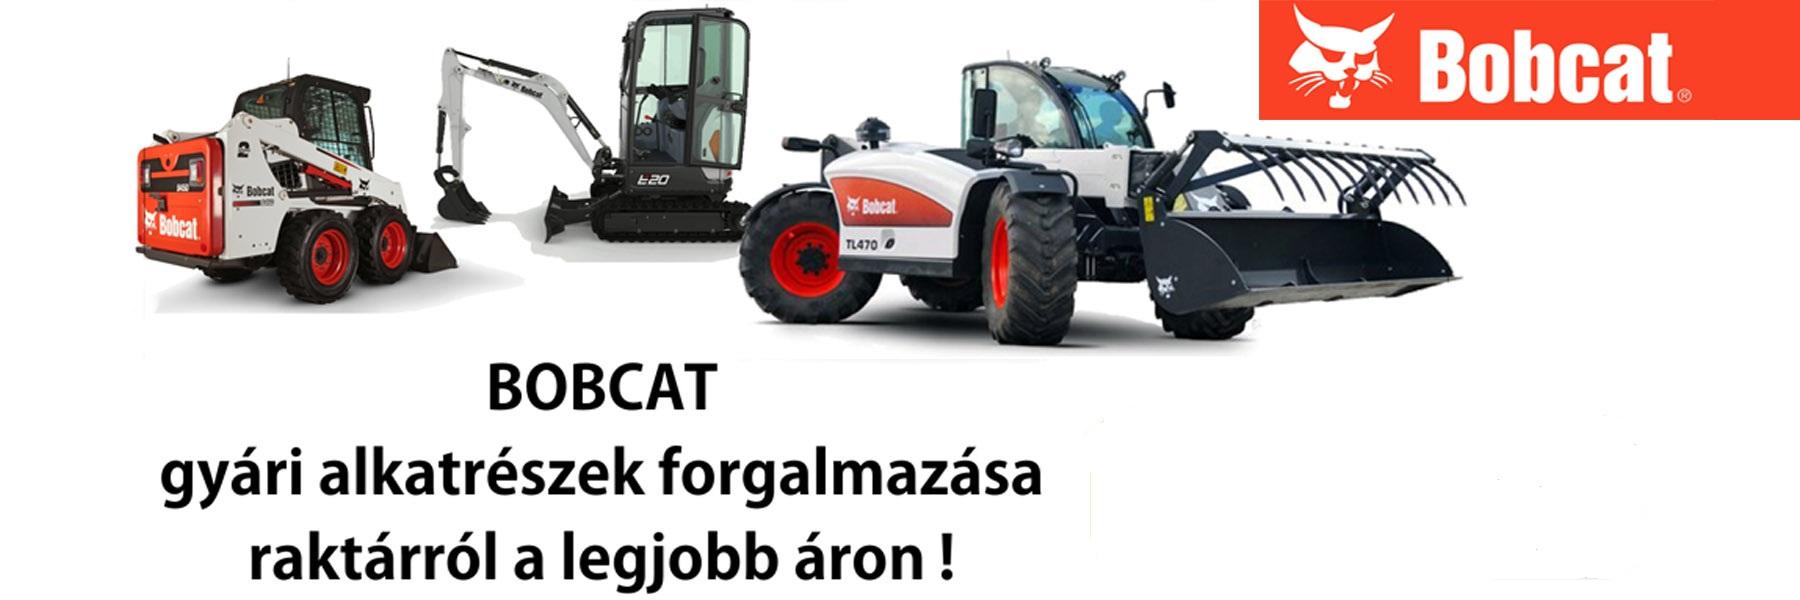 bobcat_alkatreszek.jpg